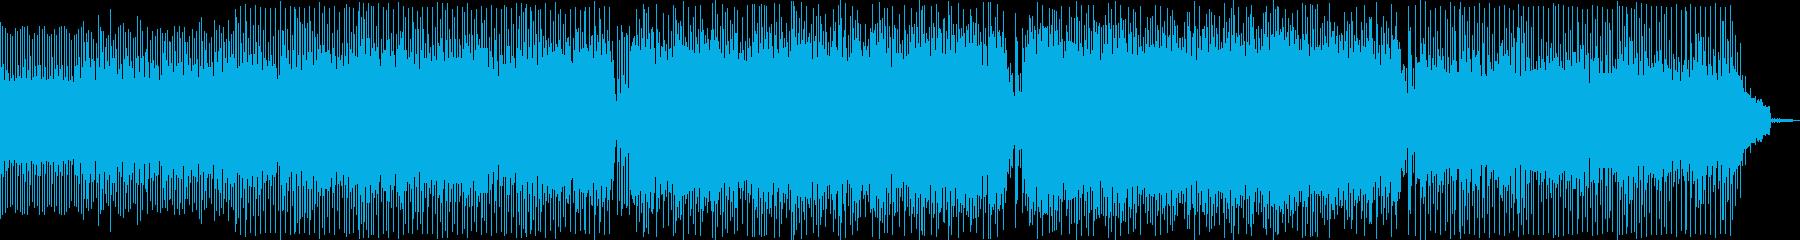 動画 アクション 繰り返しの クー...の再生済みの波形